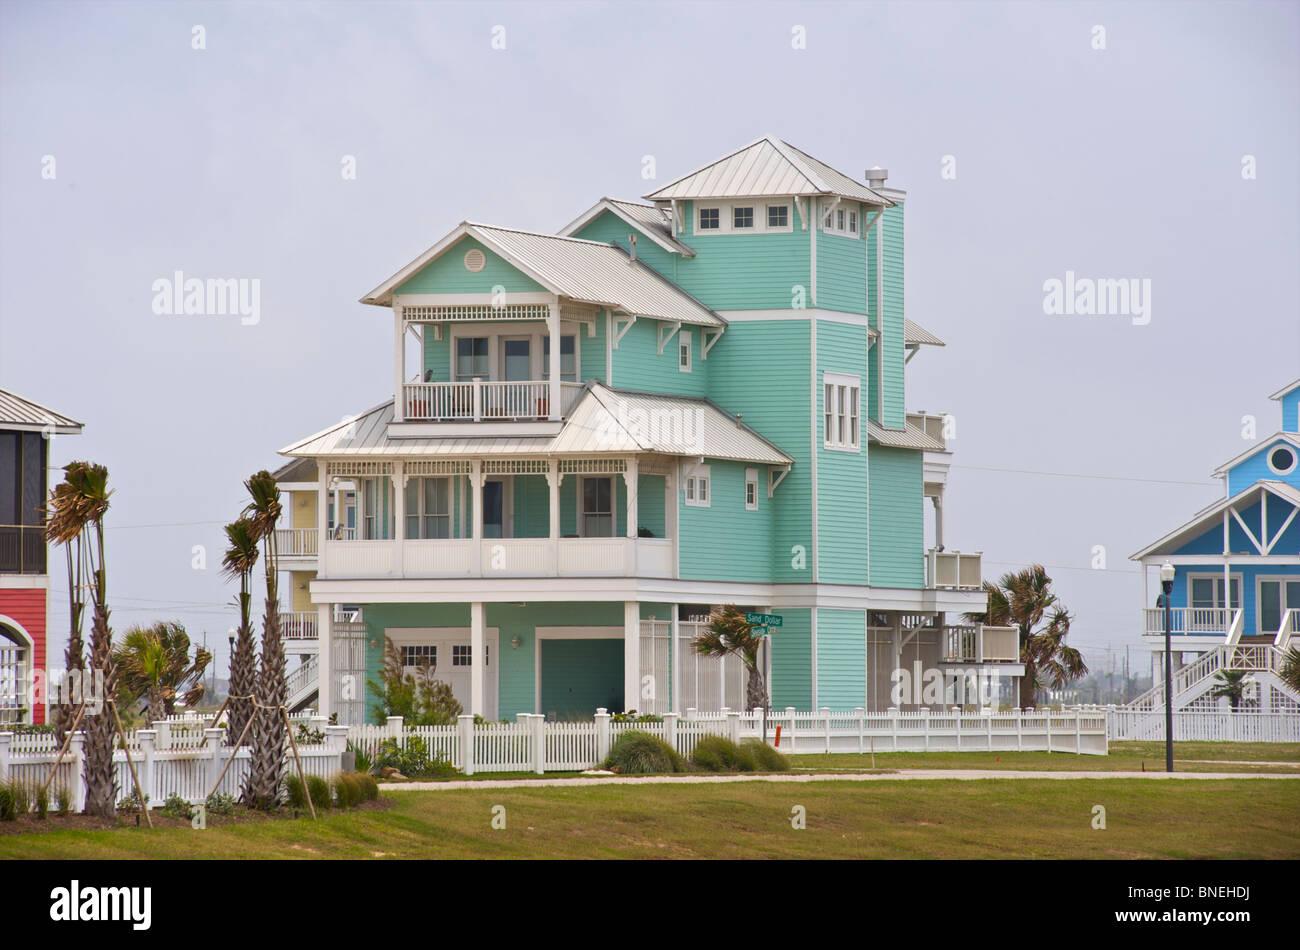 Maison en bois de couleur vert de mer l'architecture de Galveston, Texas, États-Unis Banque D'Images